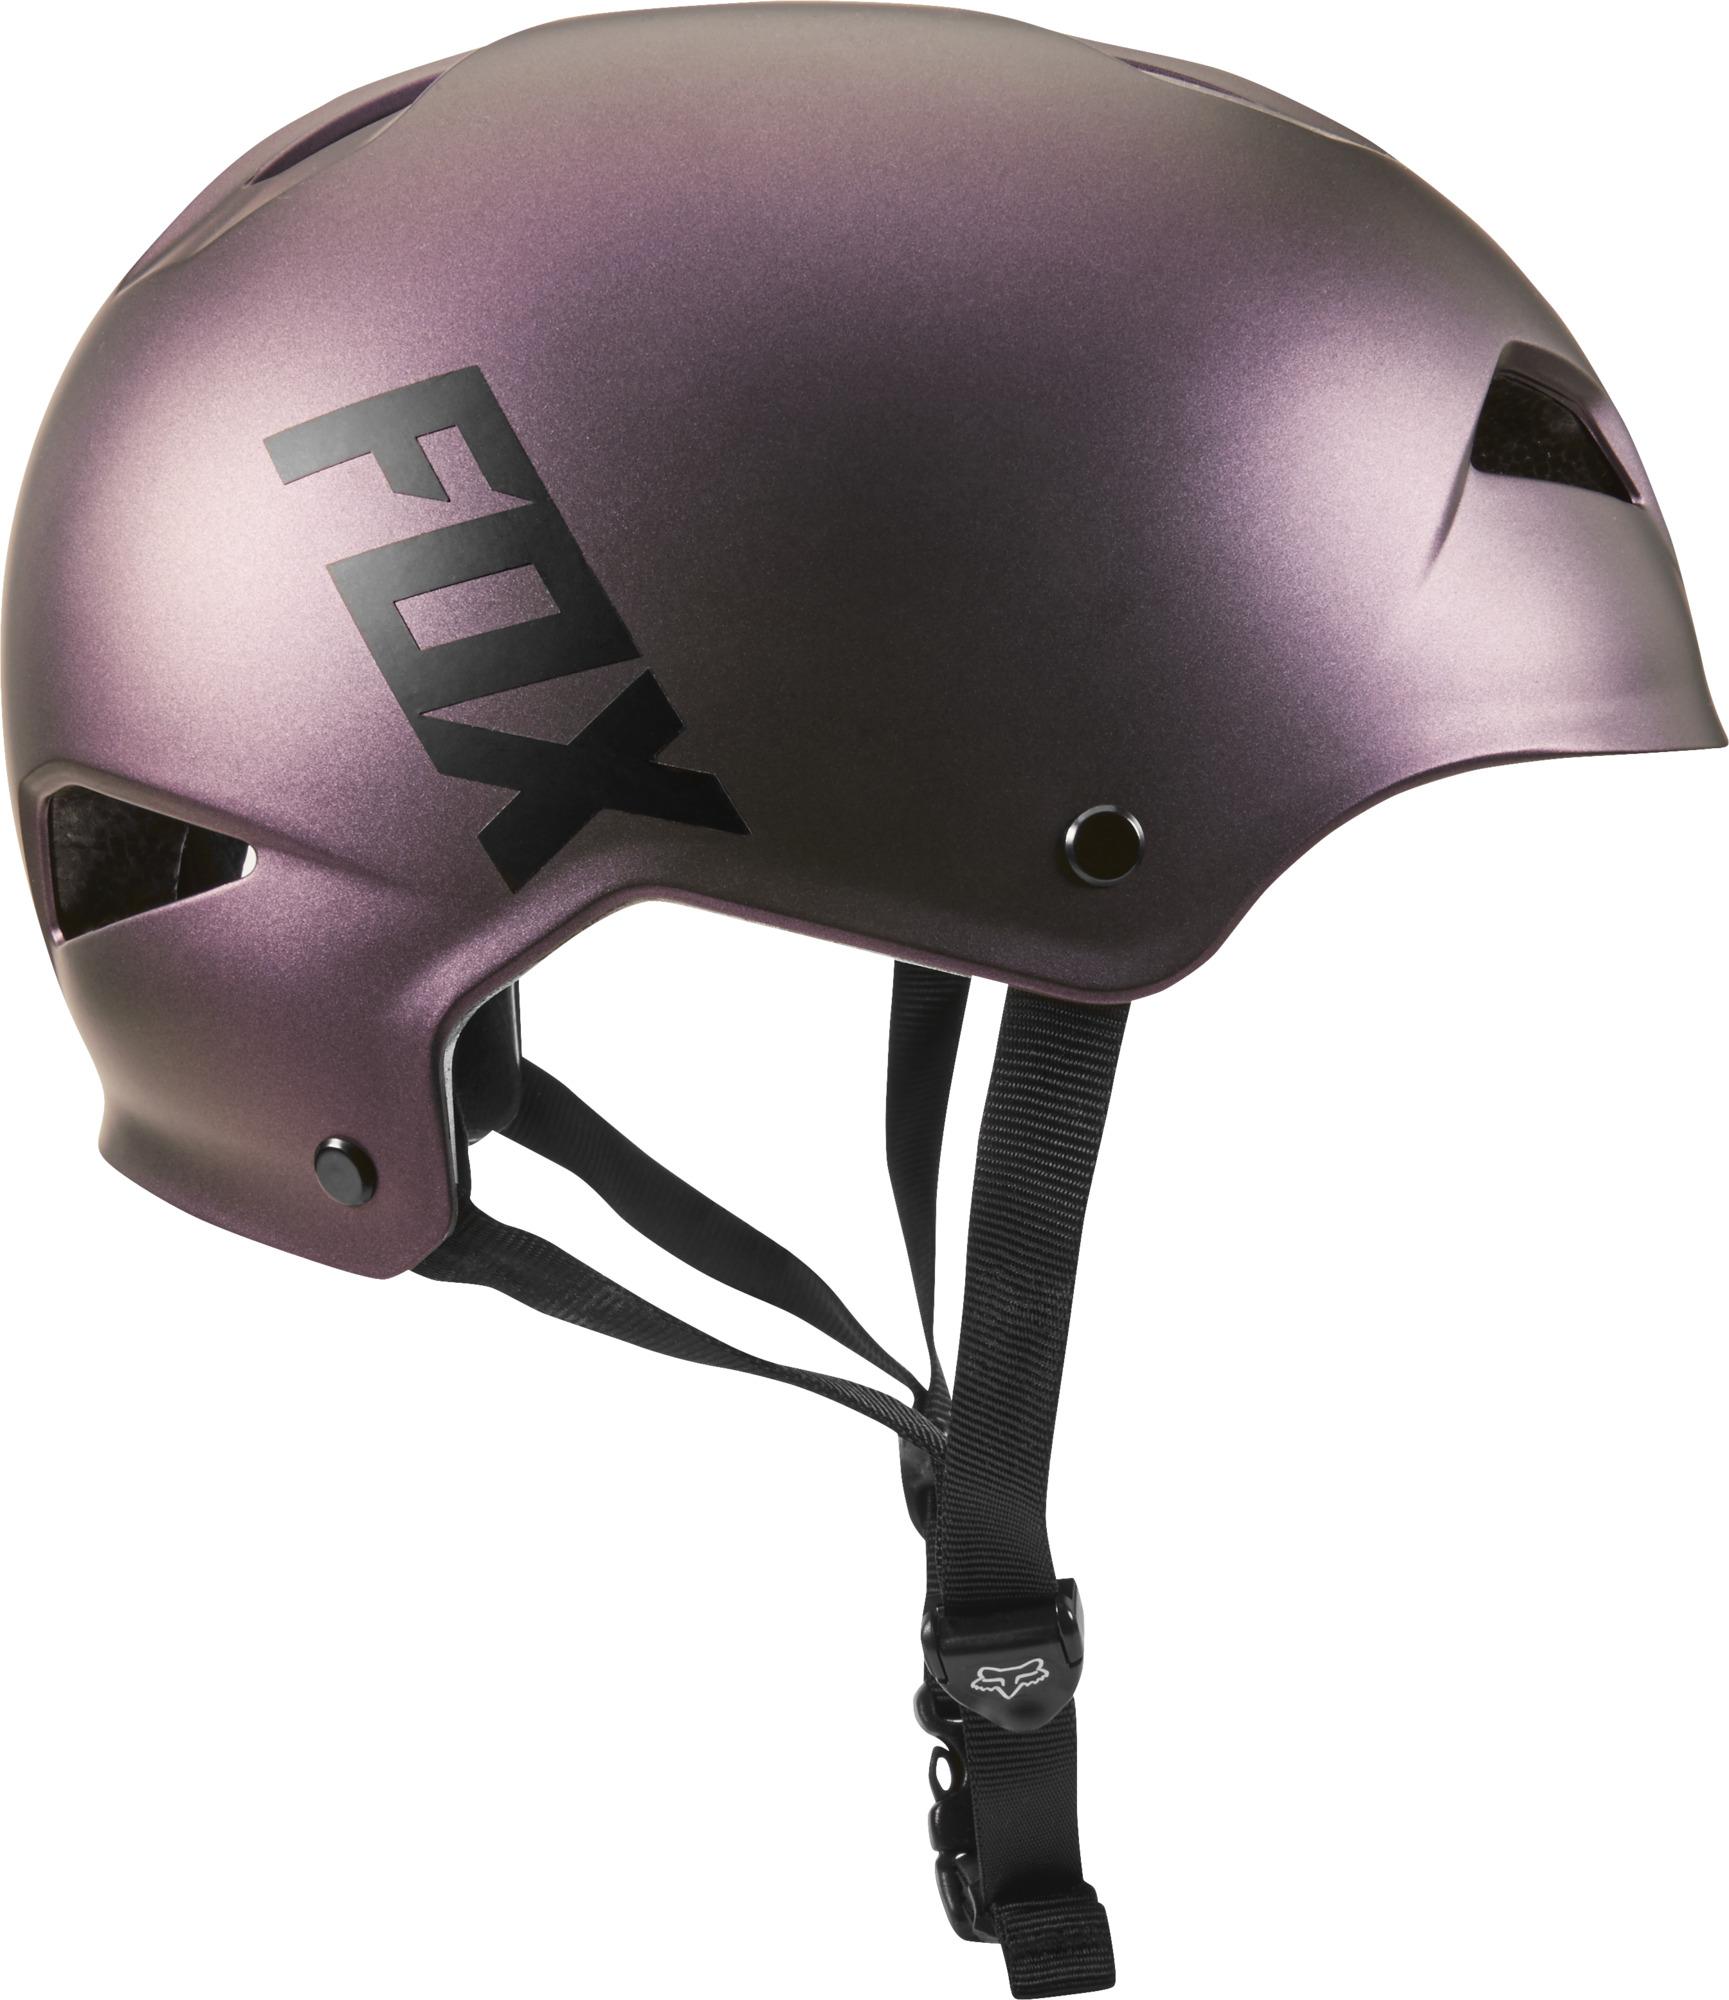 Fox-Head-Flight-Sport-Trail-Bike-Dirt-Jump-Adult-Protective-Helmet thumbnail 9